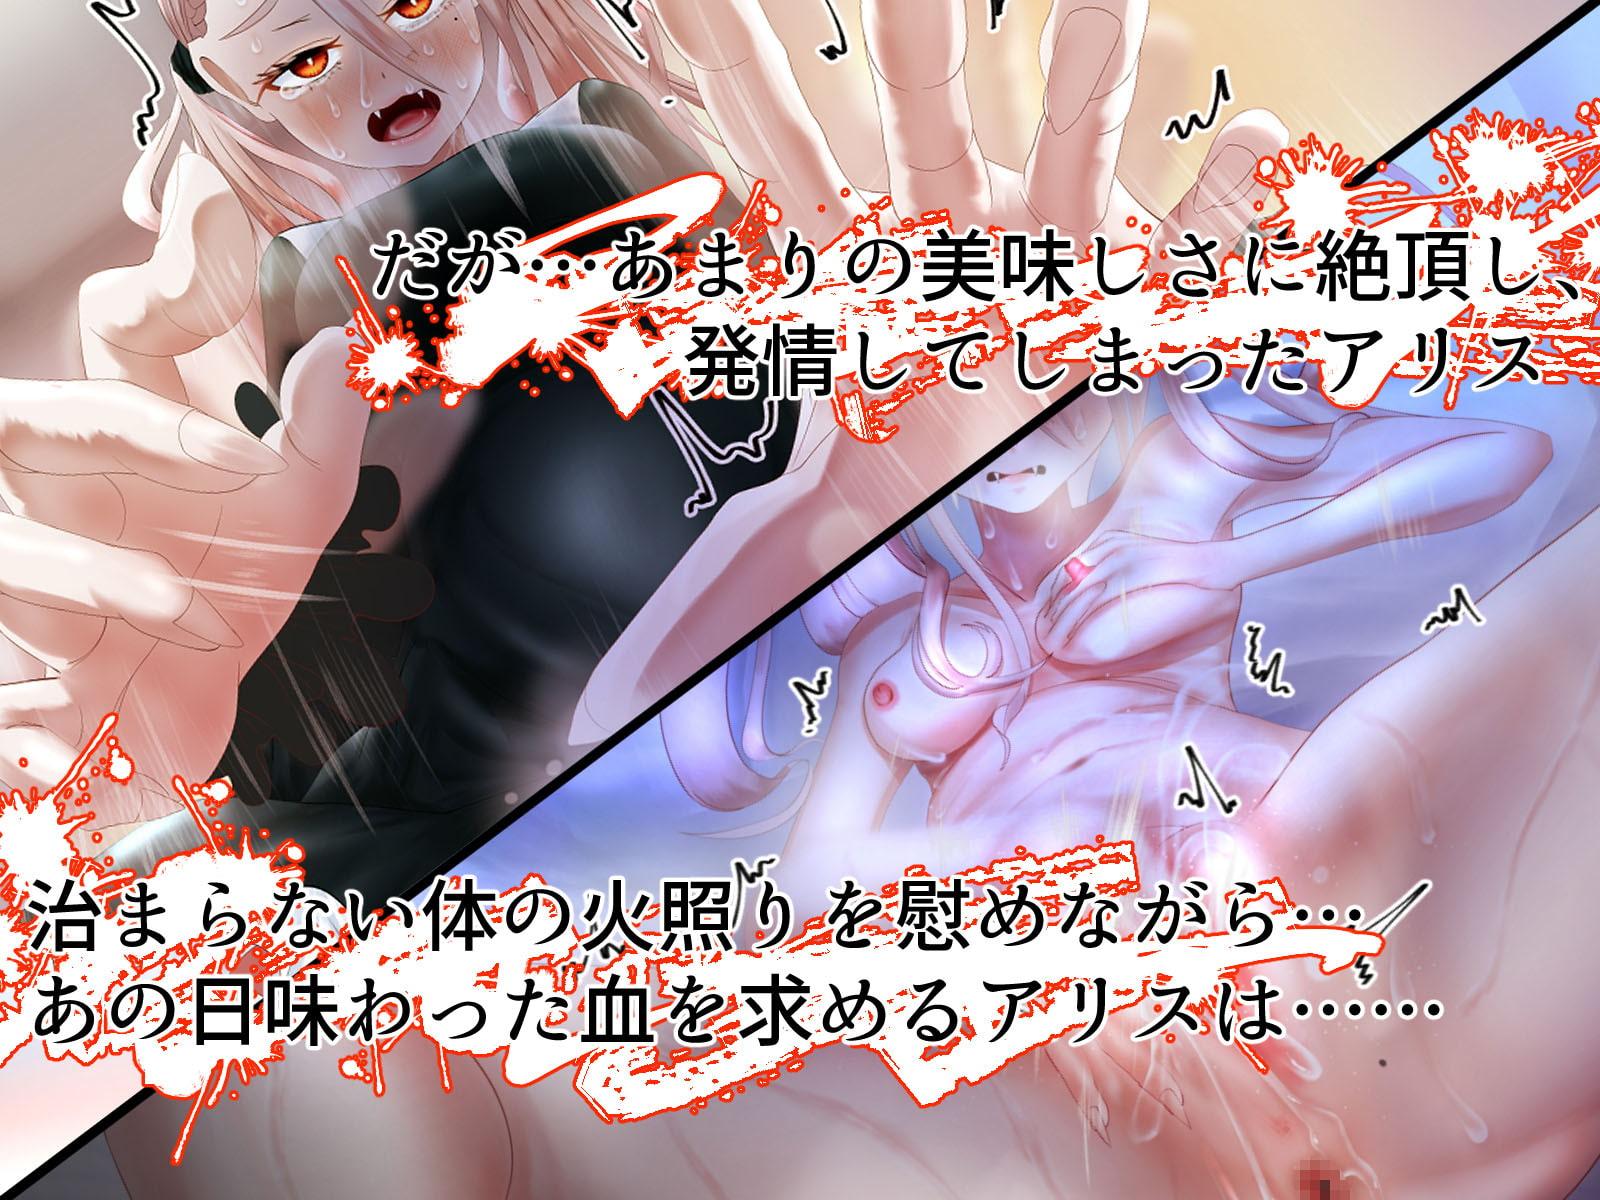 発情吸血姫 ‐俺の血を吸って発情した生意気な吸血鬼を分からせる‐